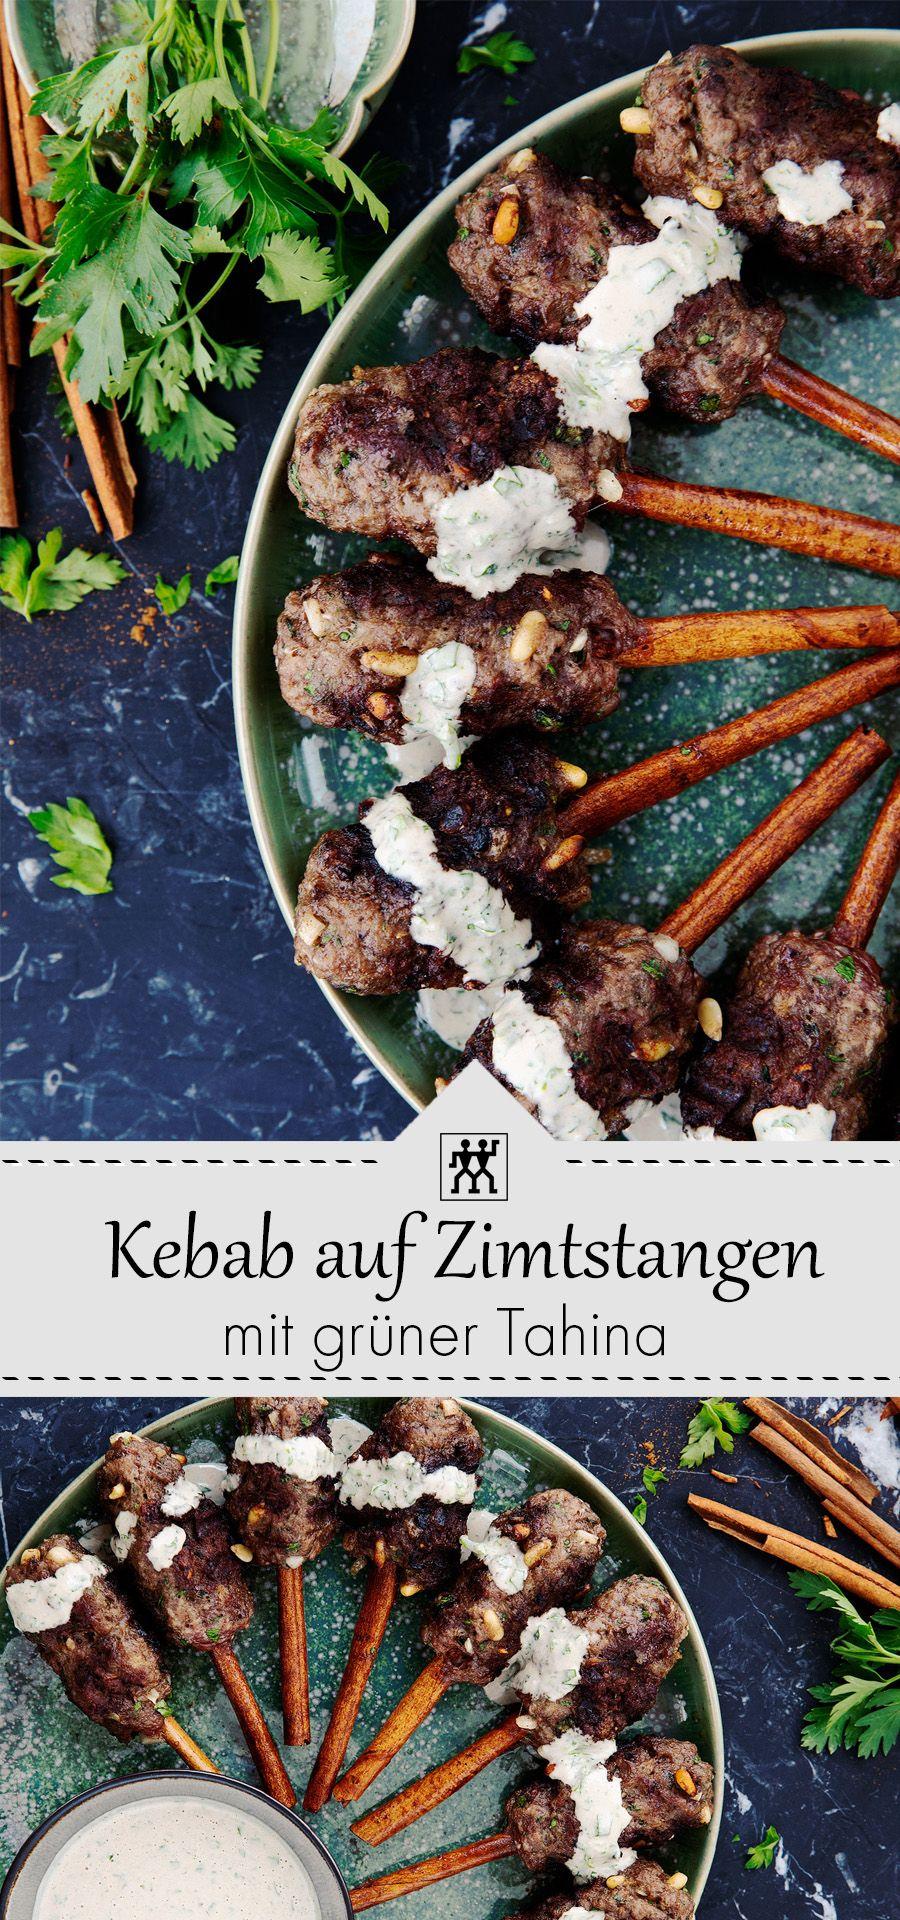 Fleischkebab Auf Zimtstangen Mit Gruner Tahina Dieses Orientalische Fleischkebab Ist Absolut Lecker Und Lasst Sich Beson Dinner